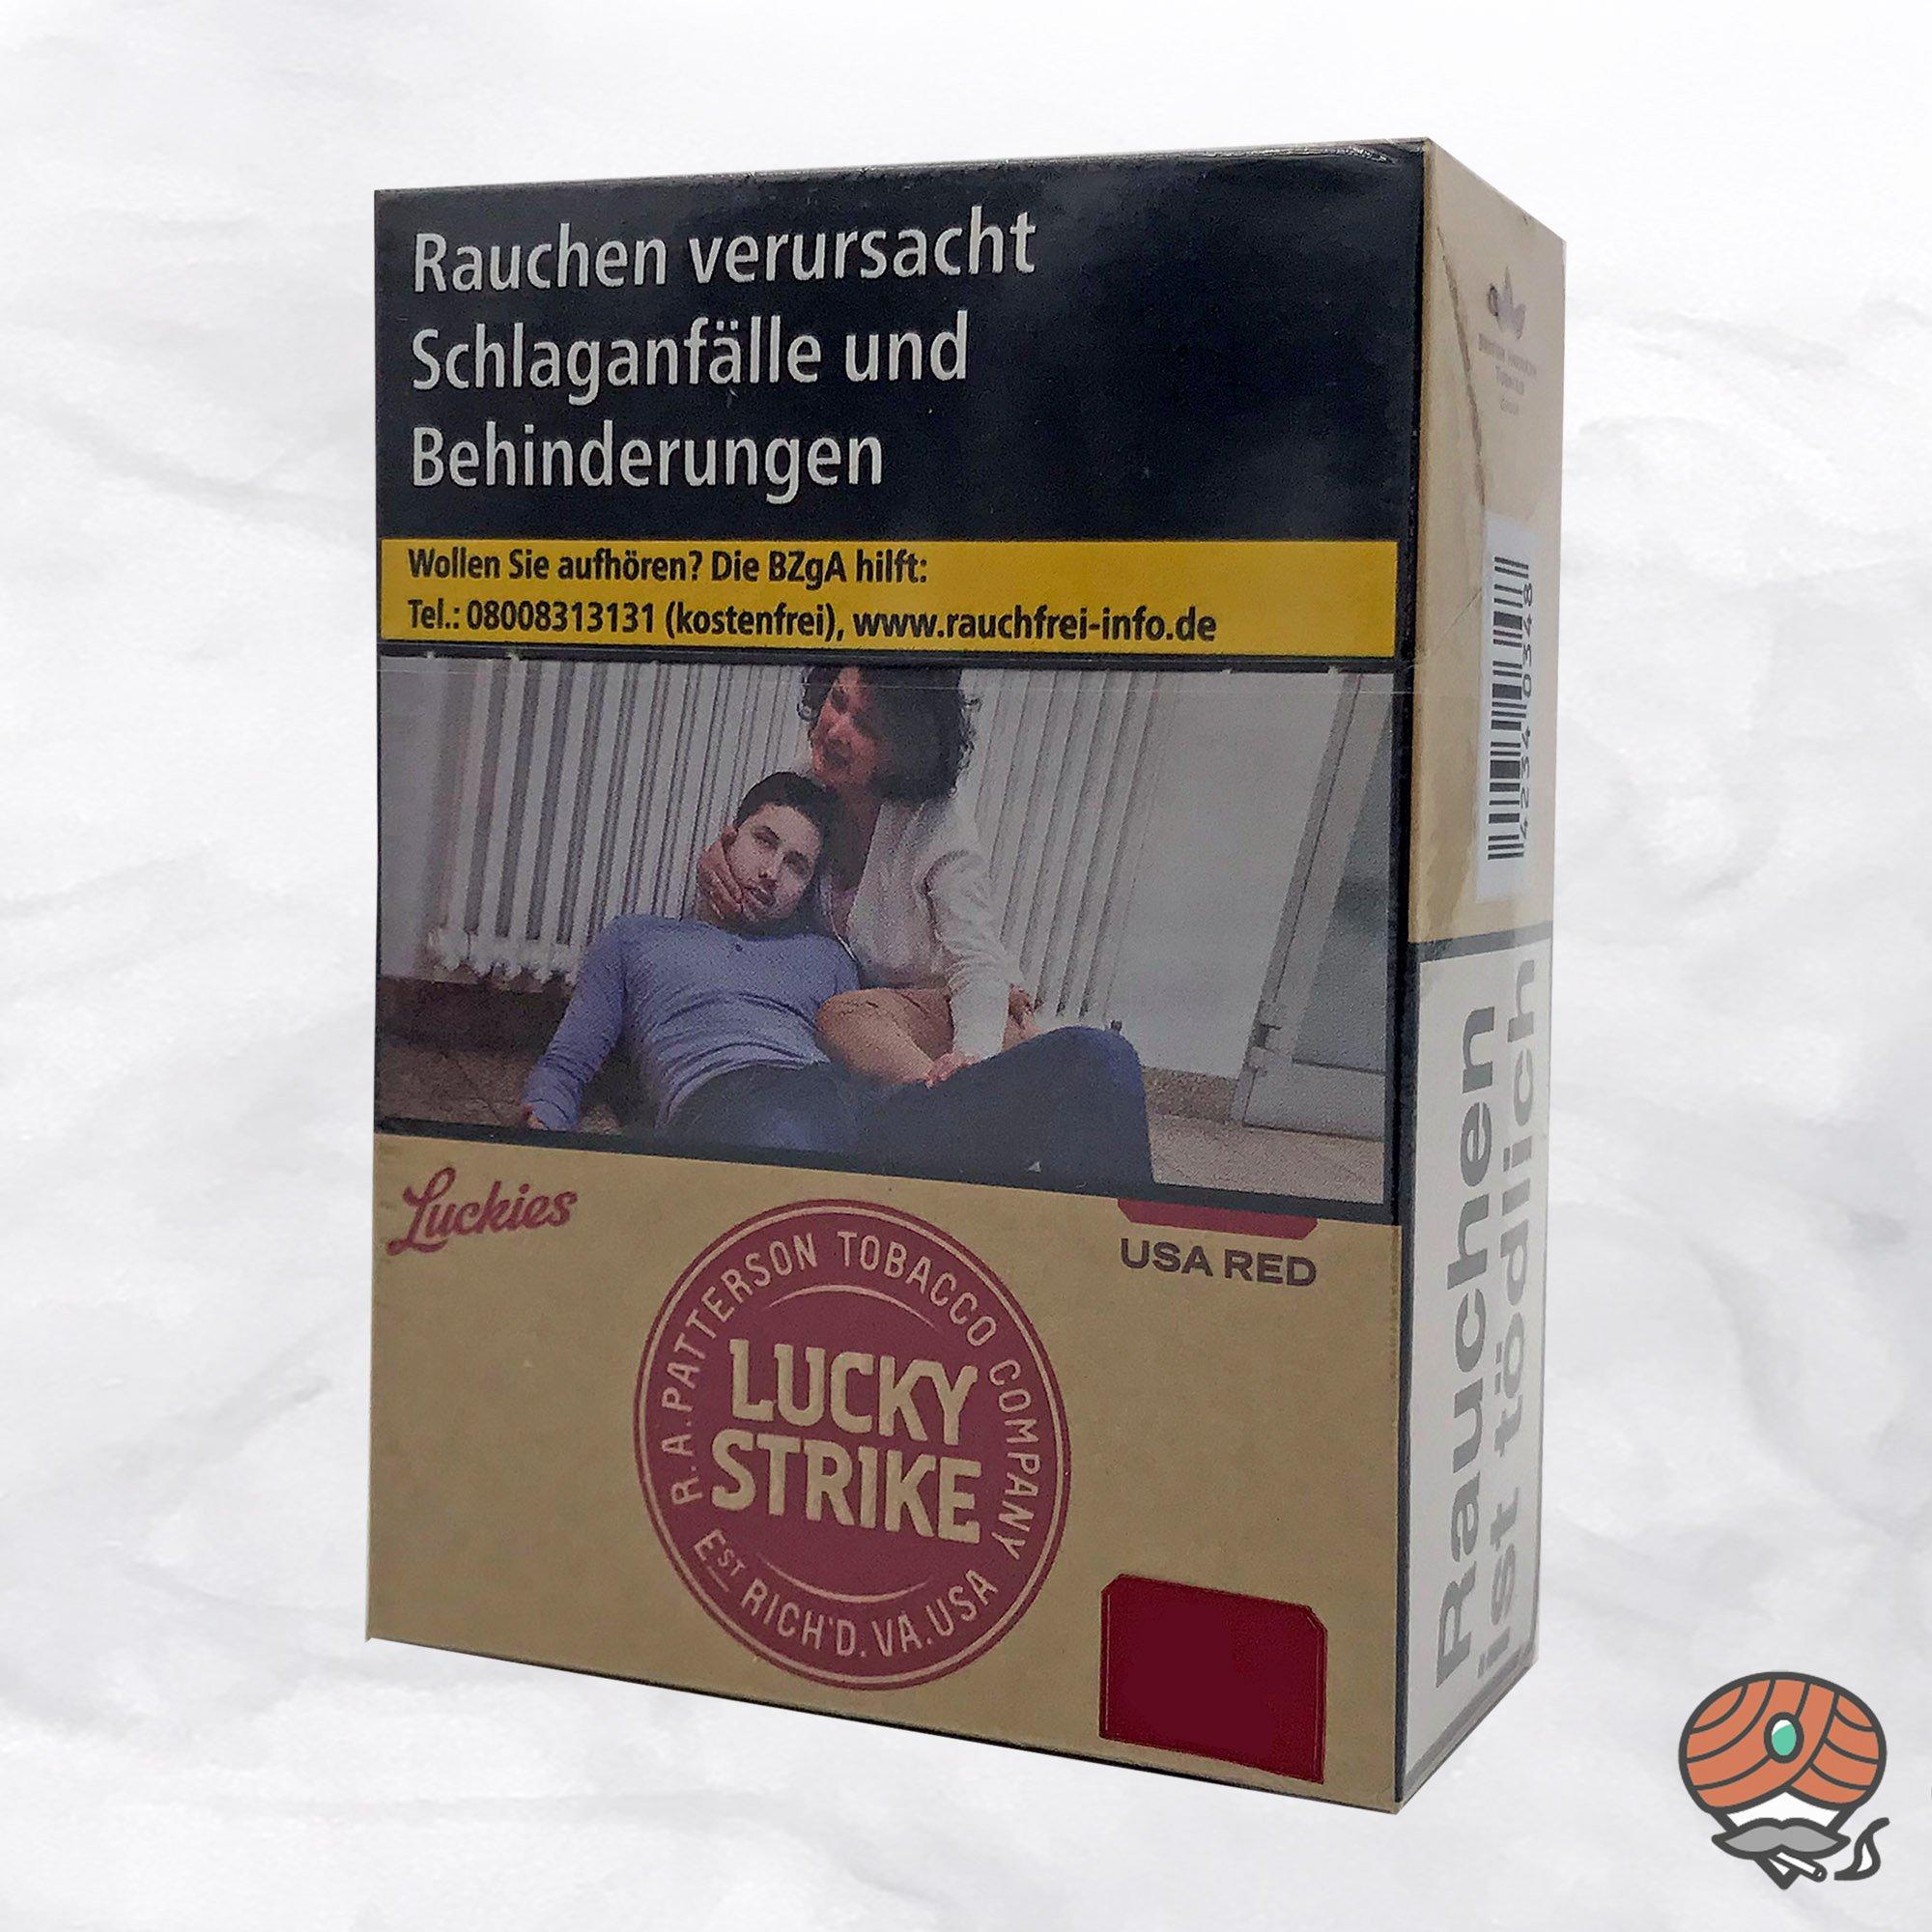 Lucky Strike Authentic Red Zigaretten ohne Zusätze Inhalt 24 Stück